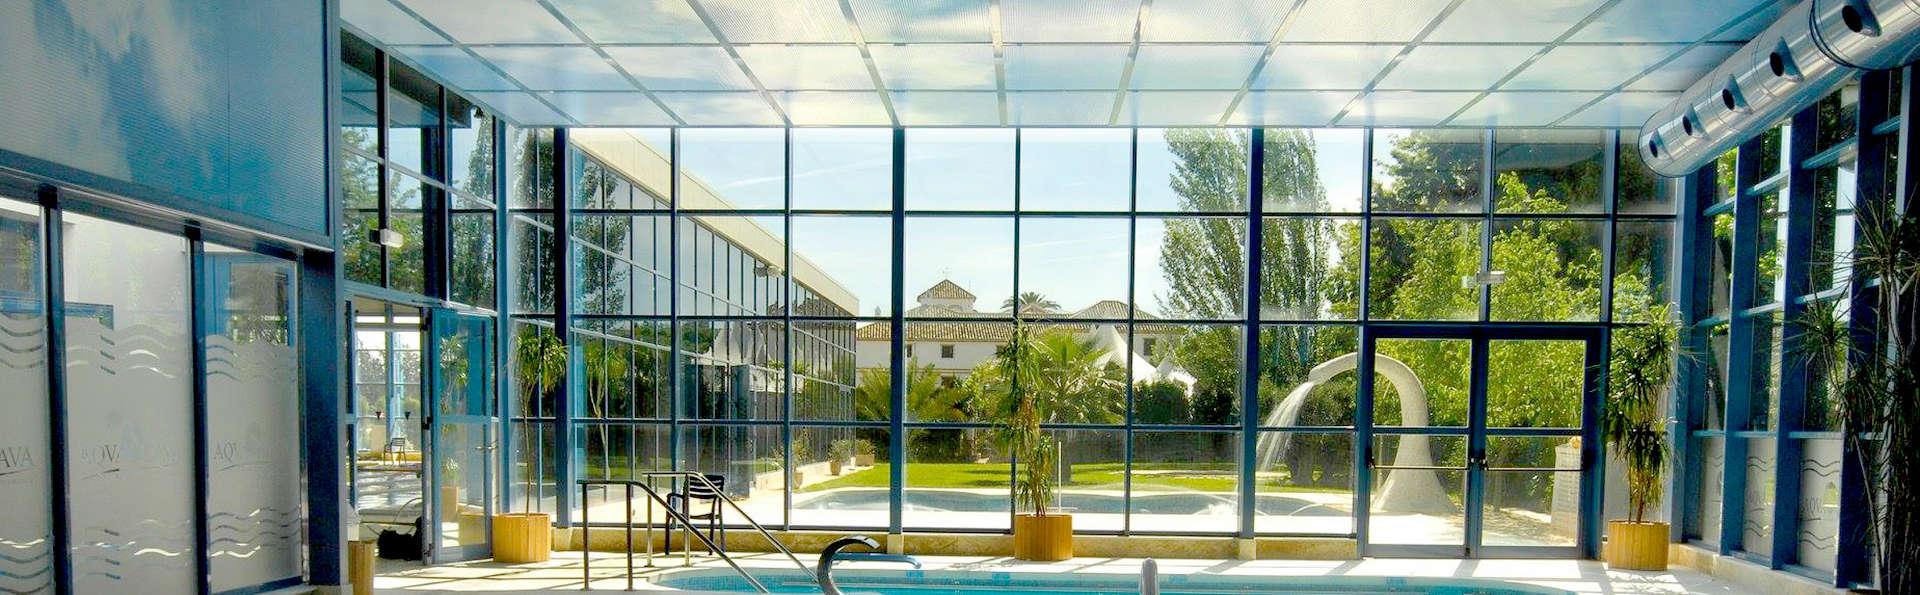 Escápate y relájate rodeado de jardines en este precioso hotel de Antequera